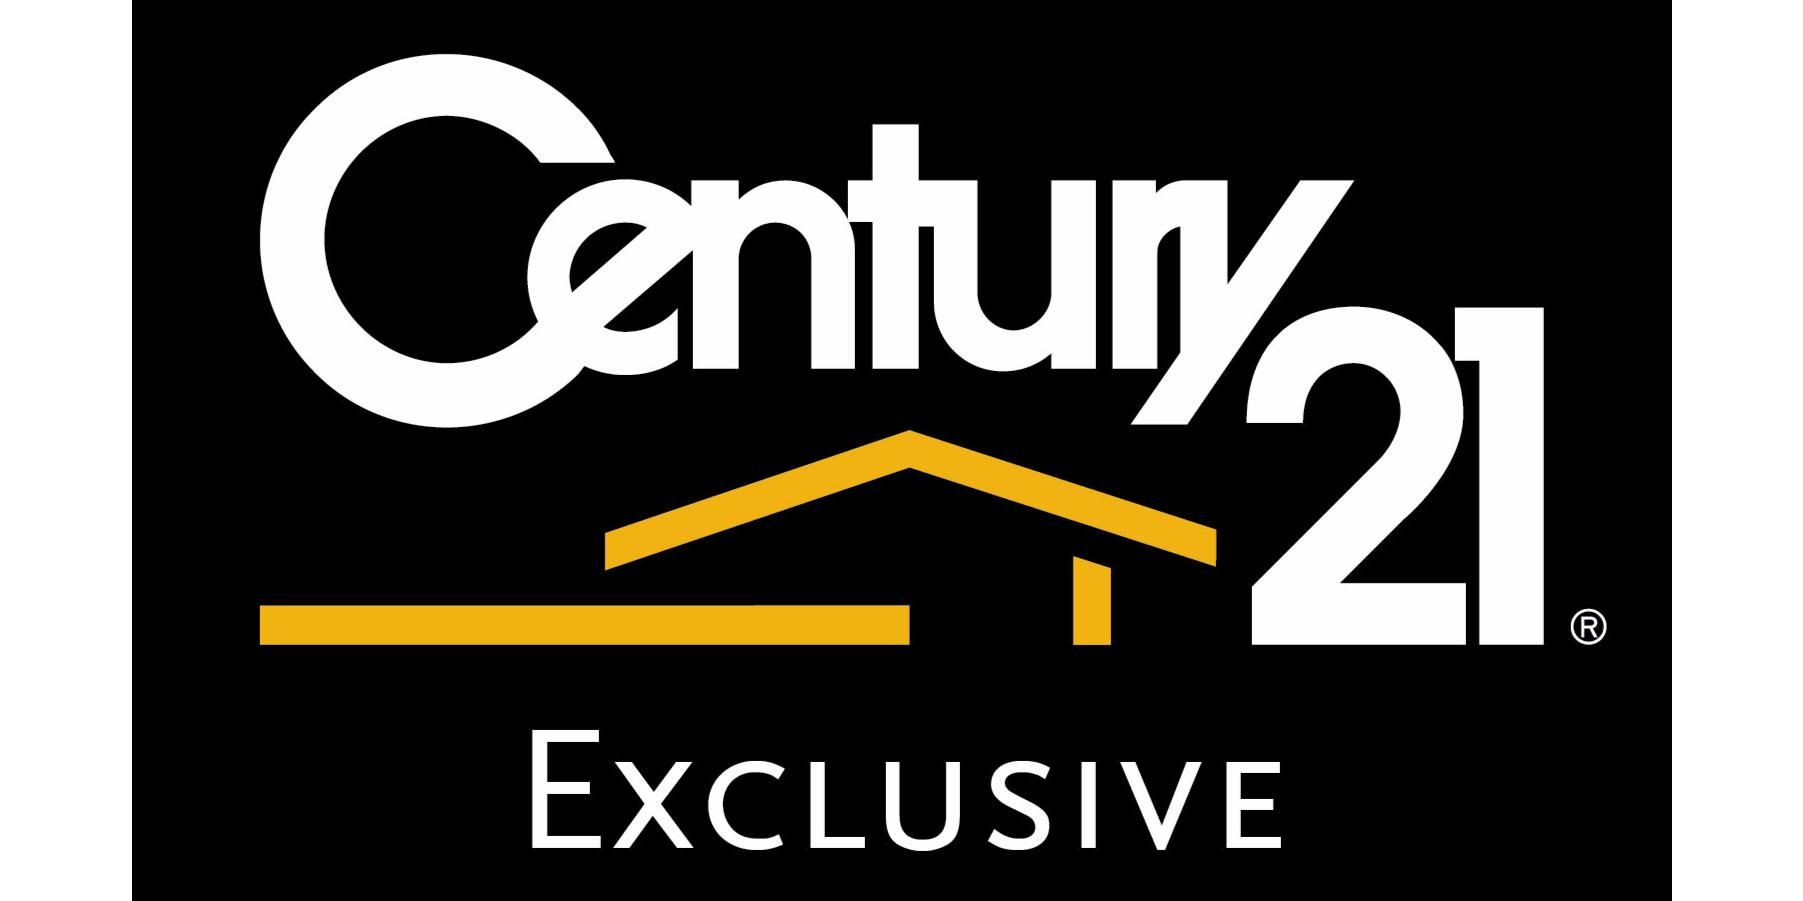 CENTURY 21 Exclusive